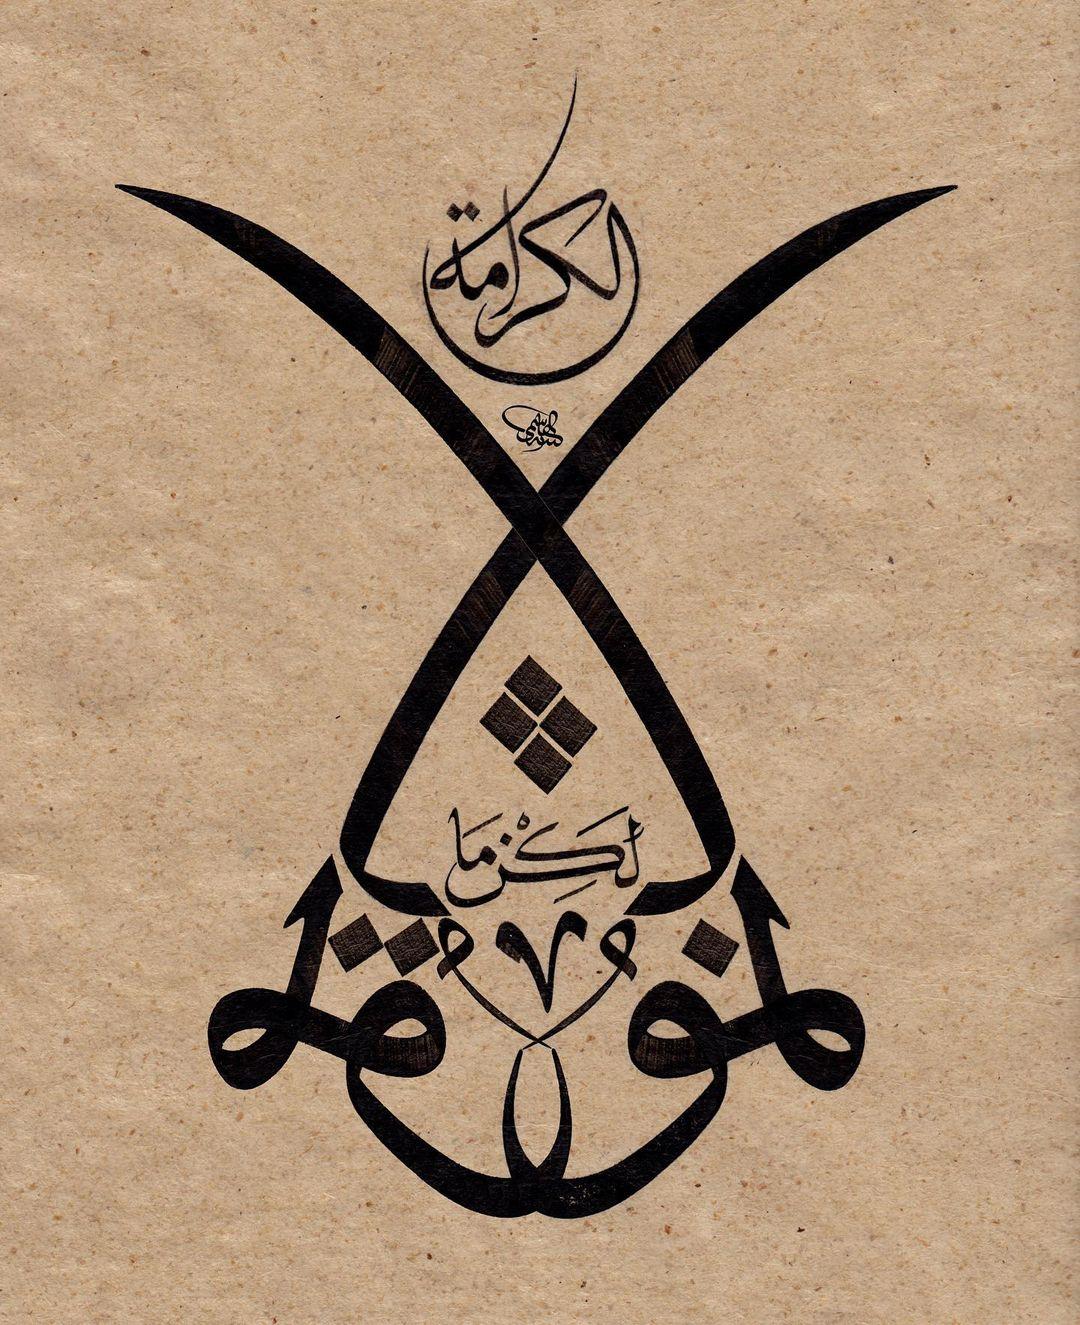 Khat Diwani Ajhalawani/Amr نموت لكن ما تموت الكرامة… 1401